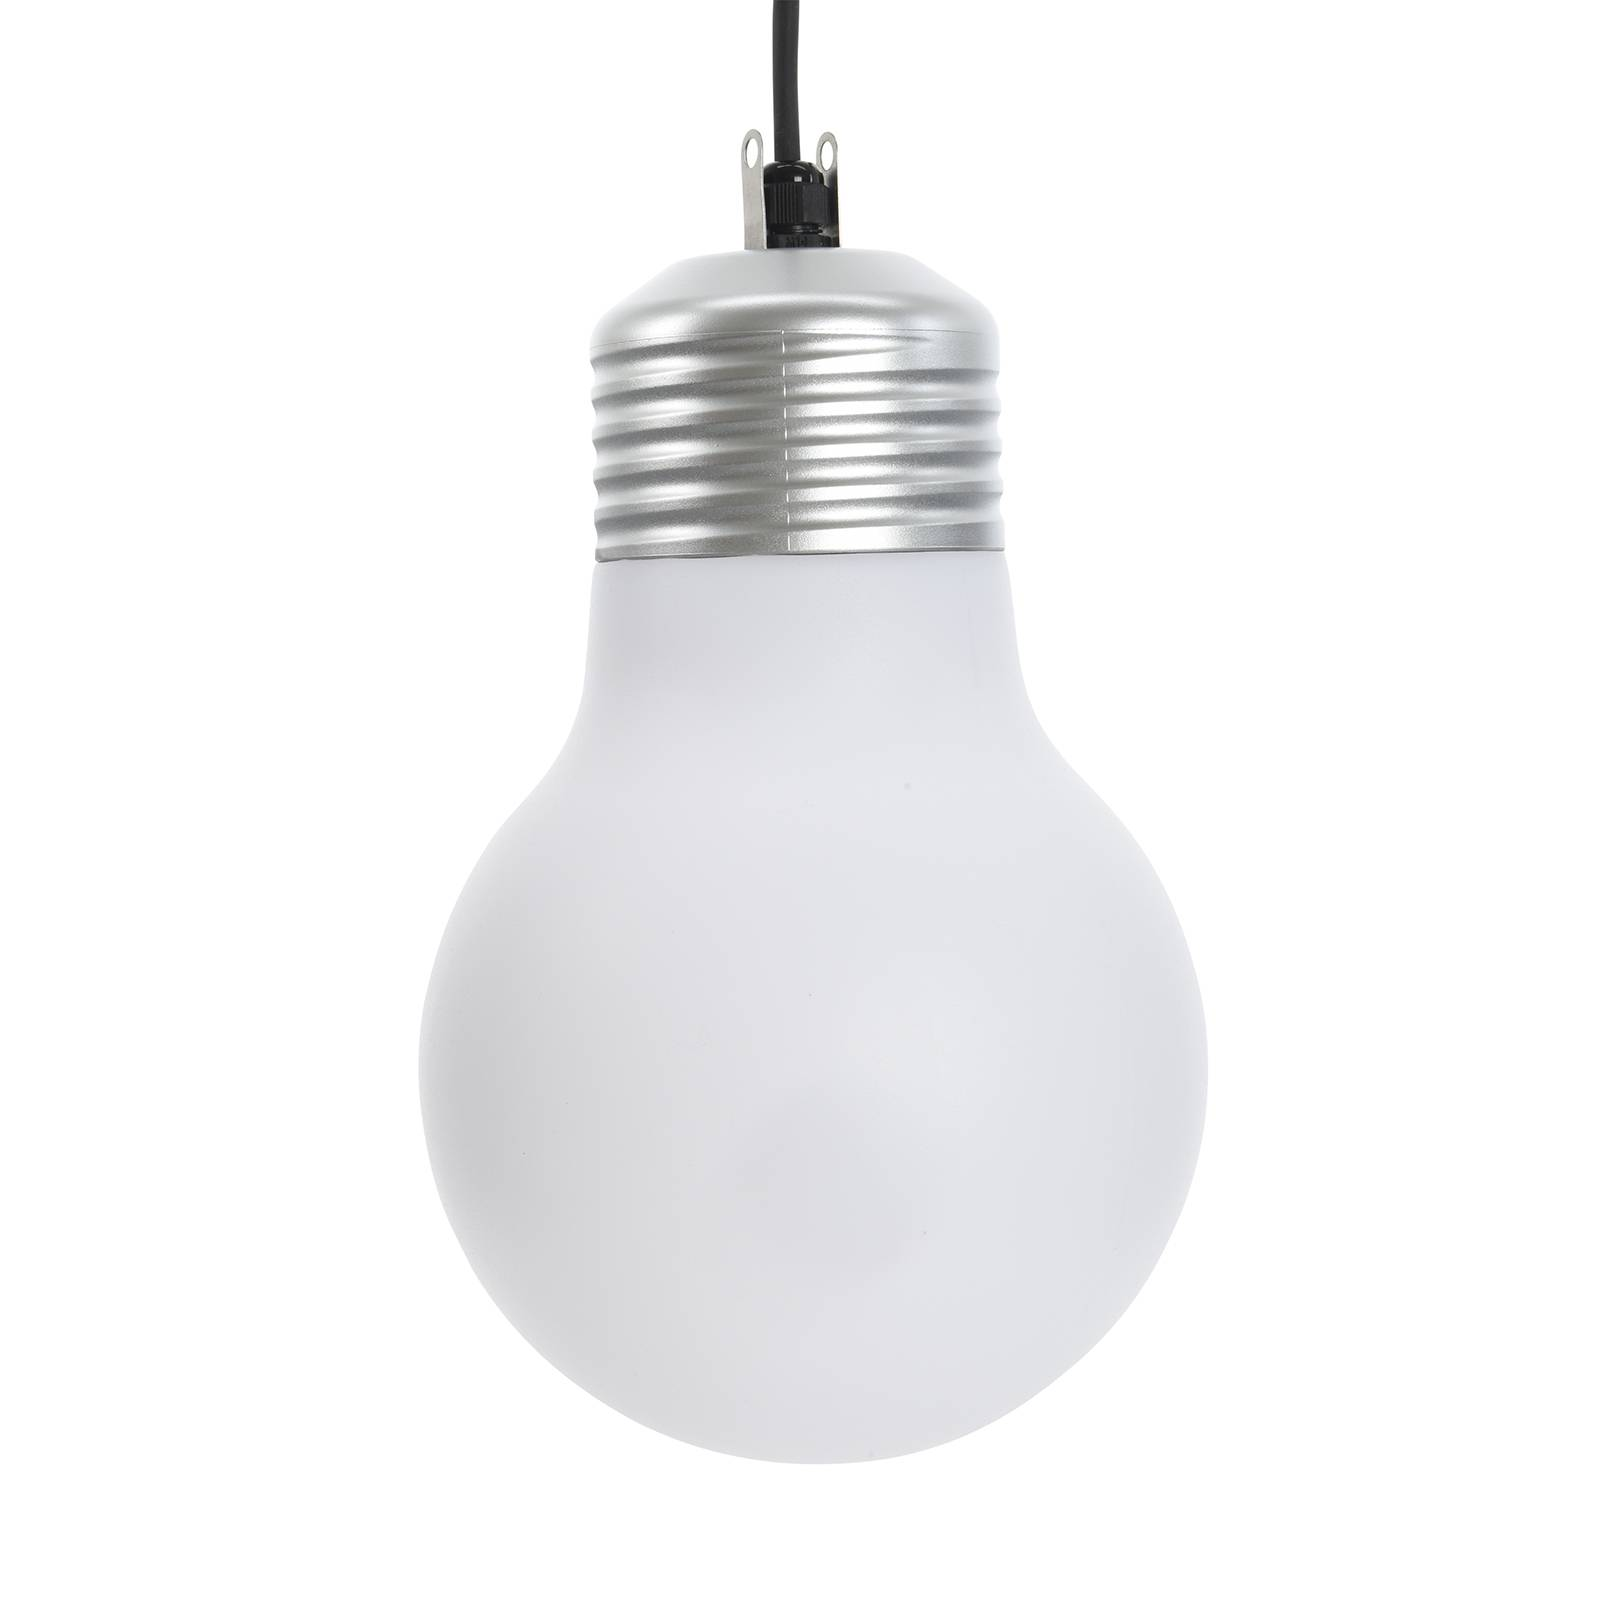 Suspension LED 894576, en forme d'ampoule, IP65